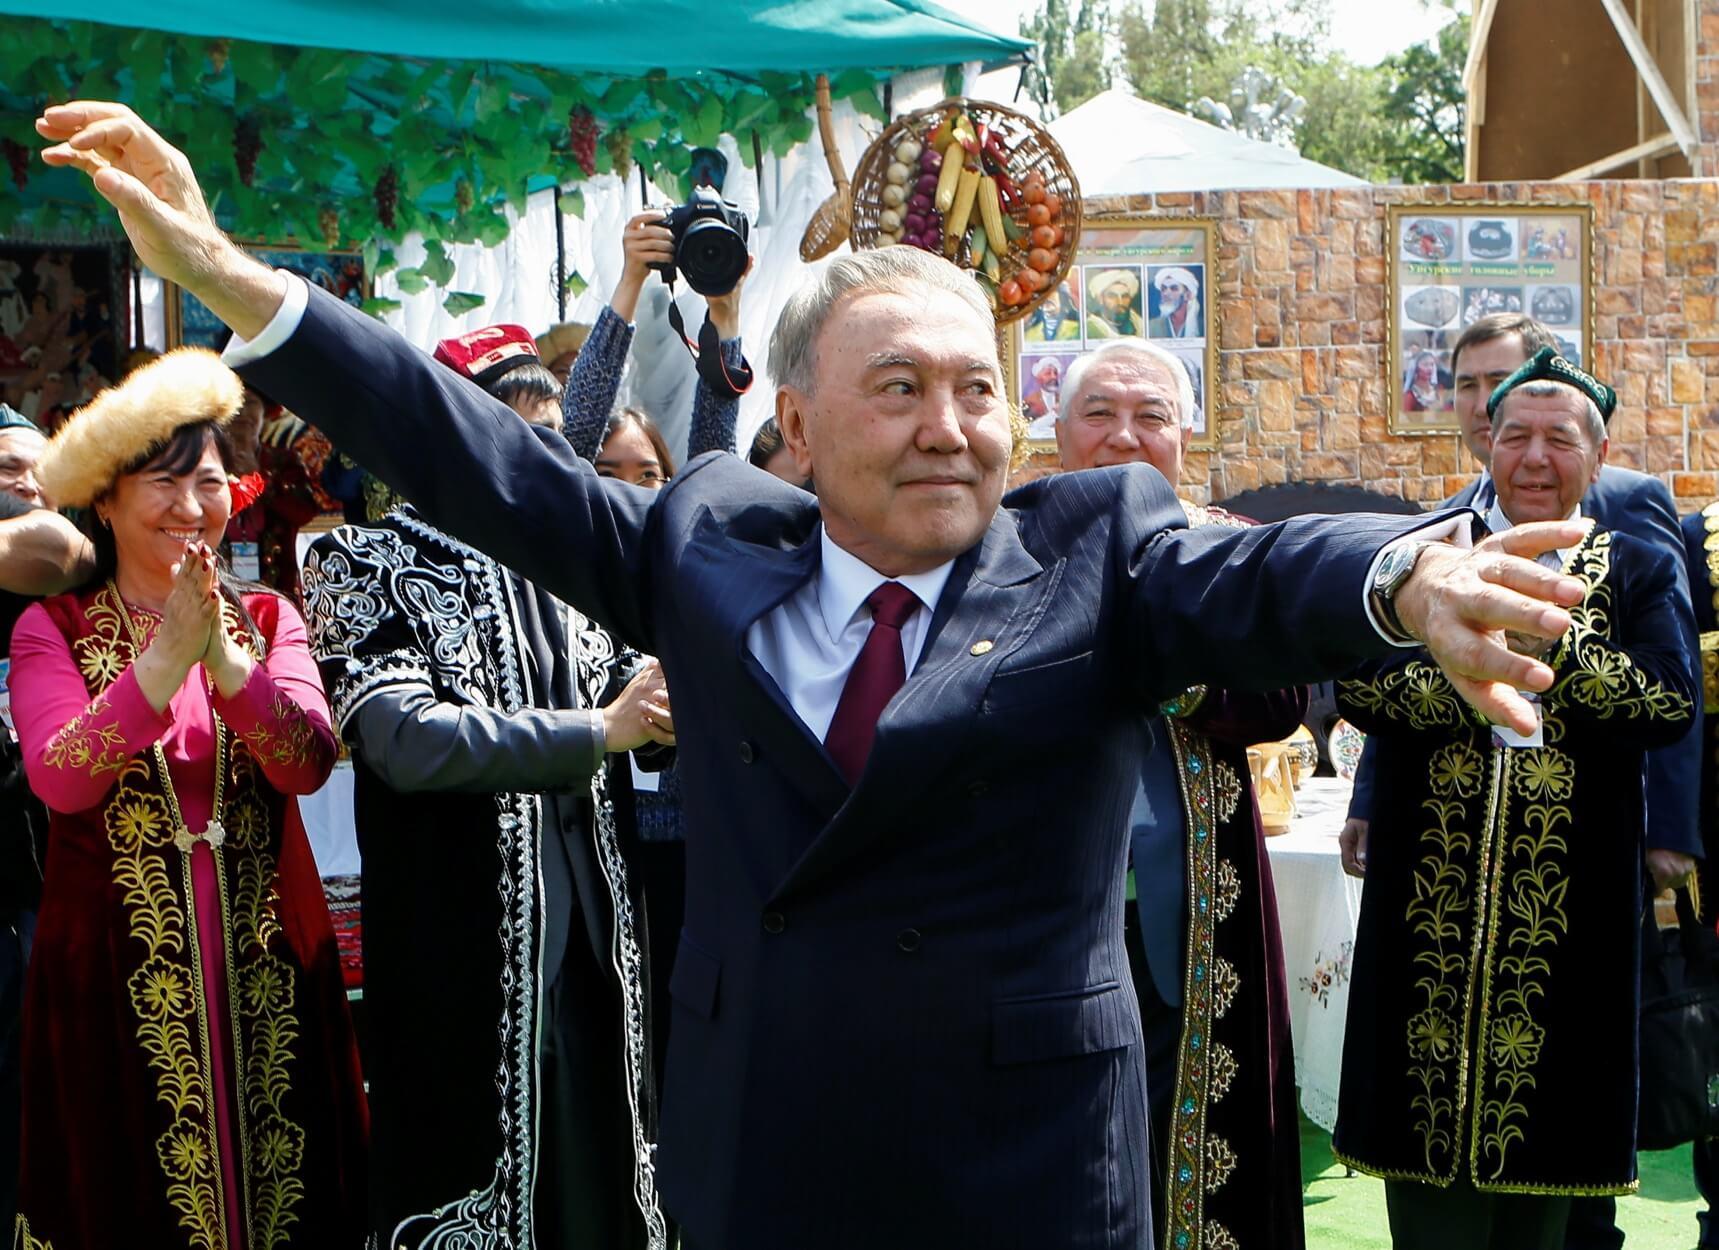 Καζακστάν – Ναζαρμπάγεφ: Η πρωτεύουσα παίρνει το όνομά του και η κόρη του τη Γερουσία